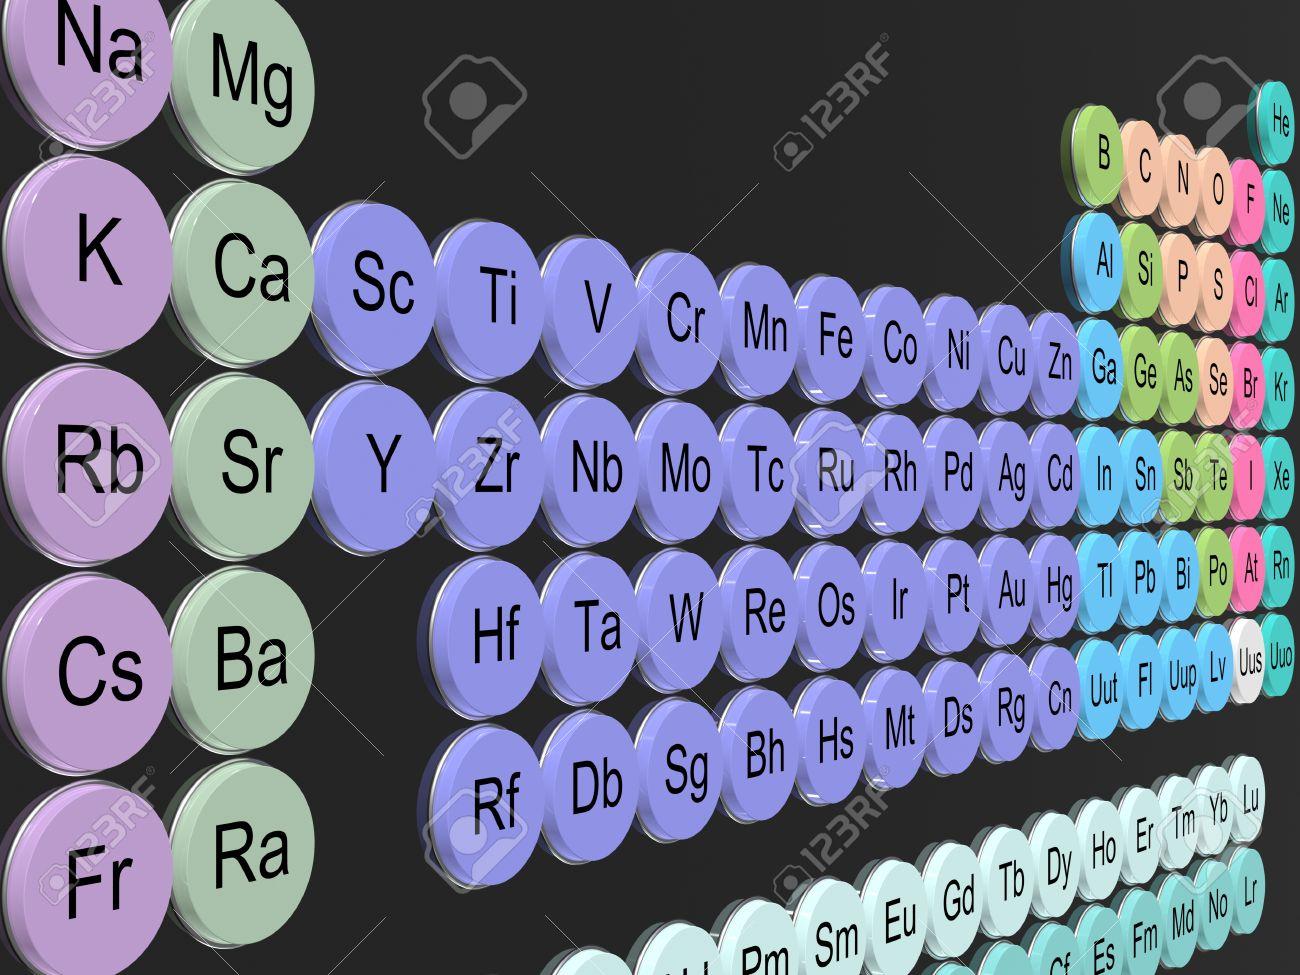 Tabla peridica de los elementos tabla de mendeleev en el muro foto de archivo tabla peridica de los elementos tabla de mendeleev en el muro urtaz Image collections